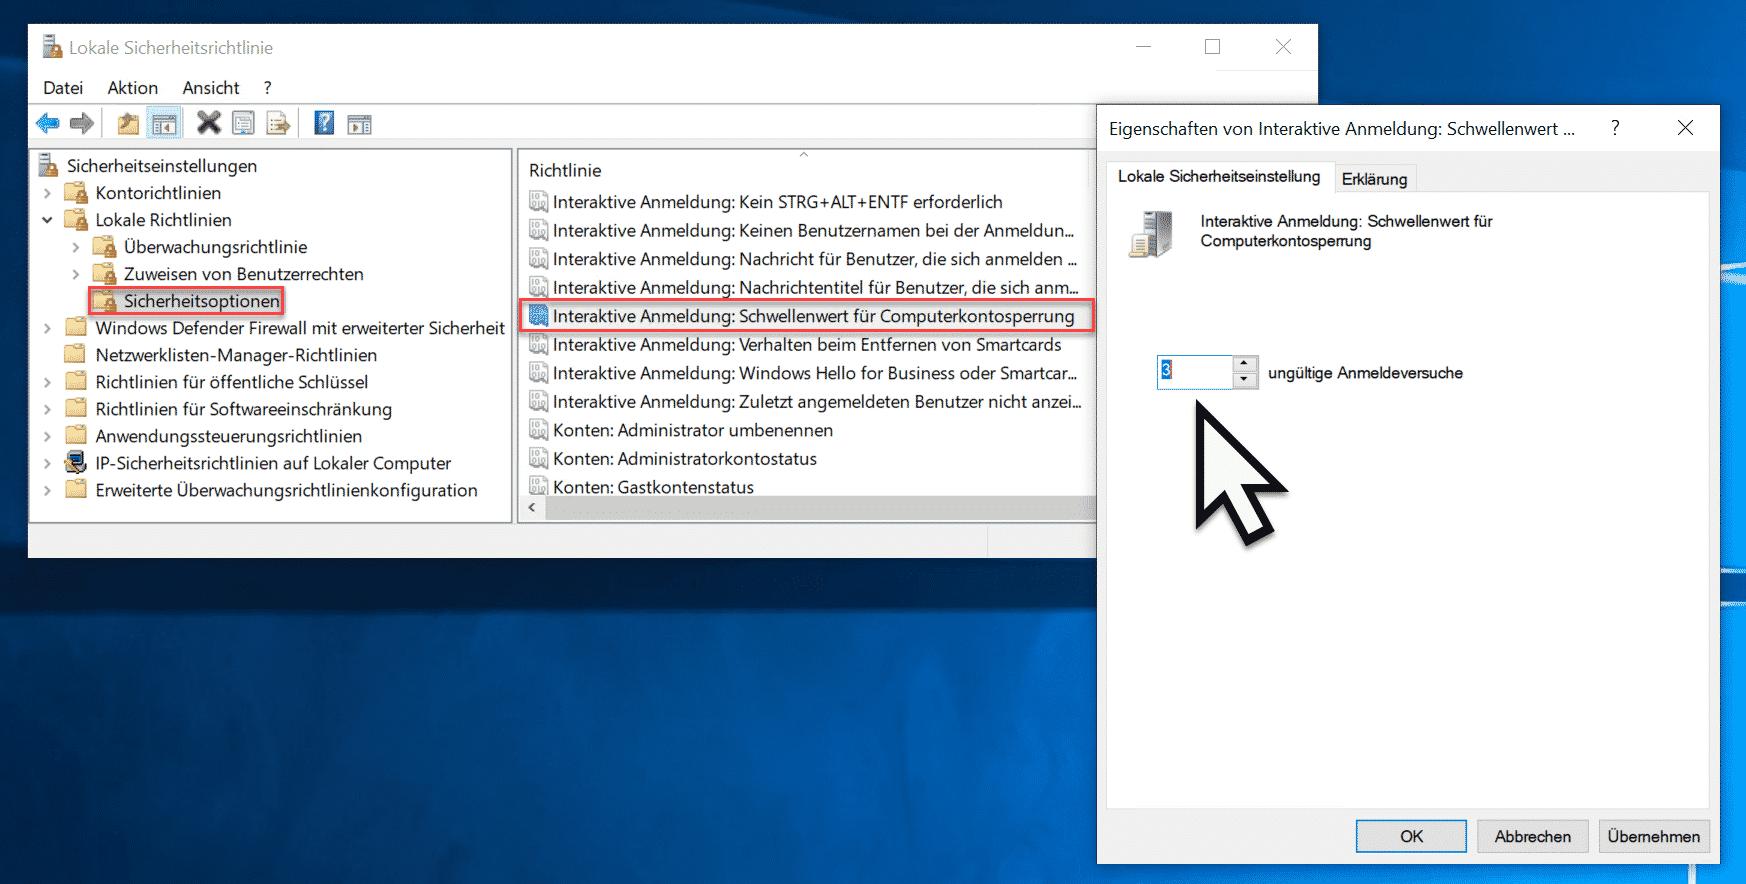 Interaktive Anmeldung Schwellenwert für Computerkontosperrung